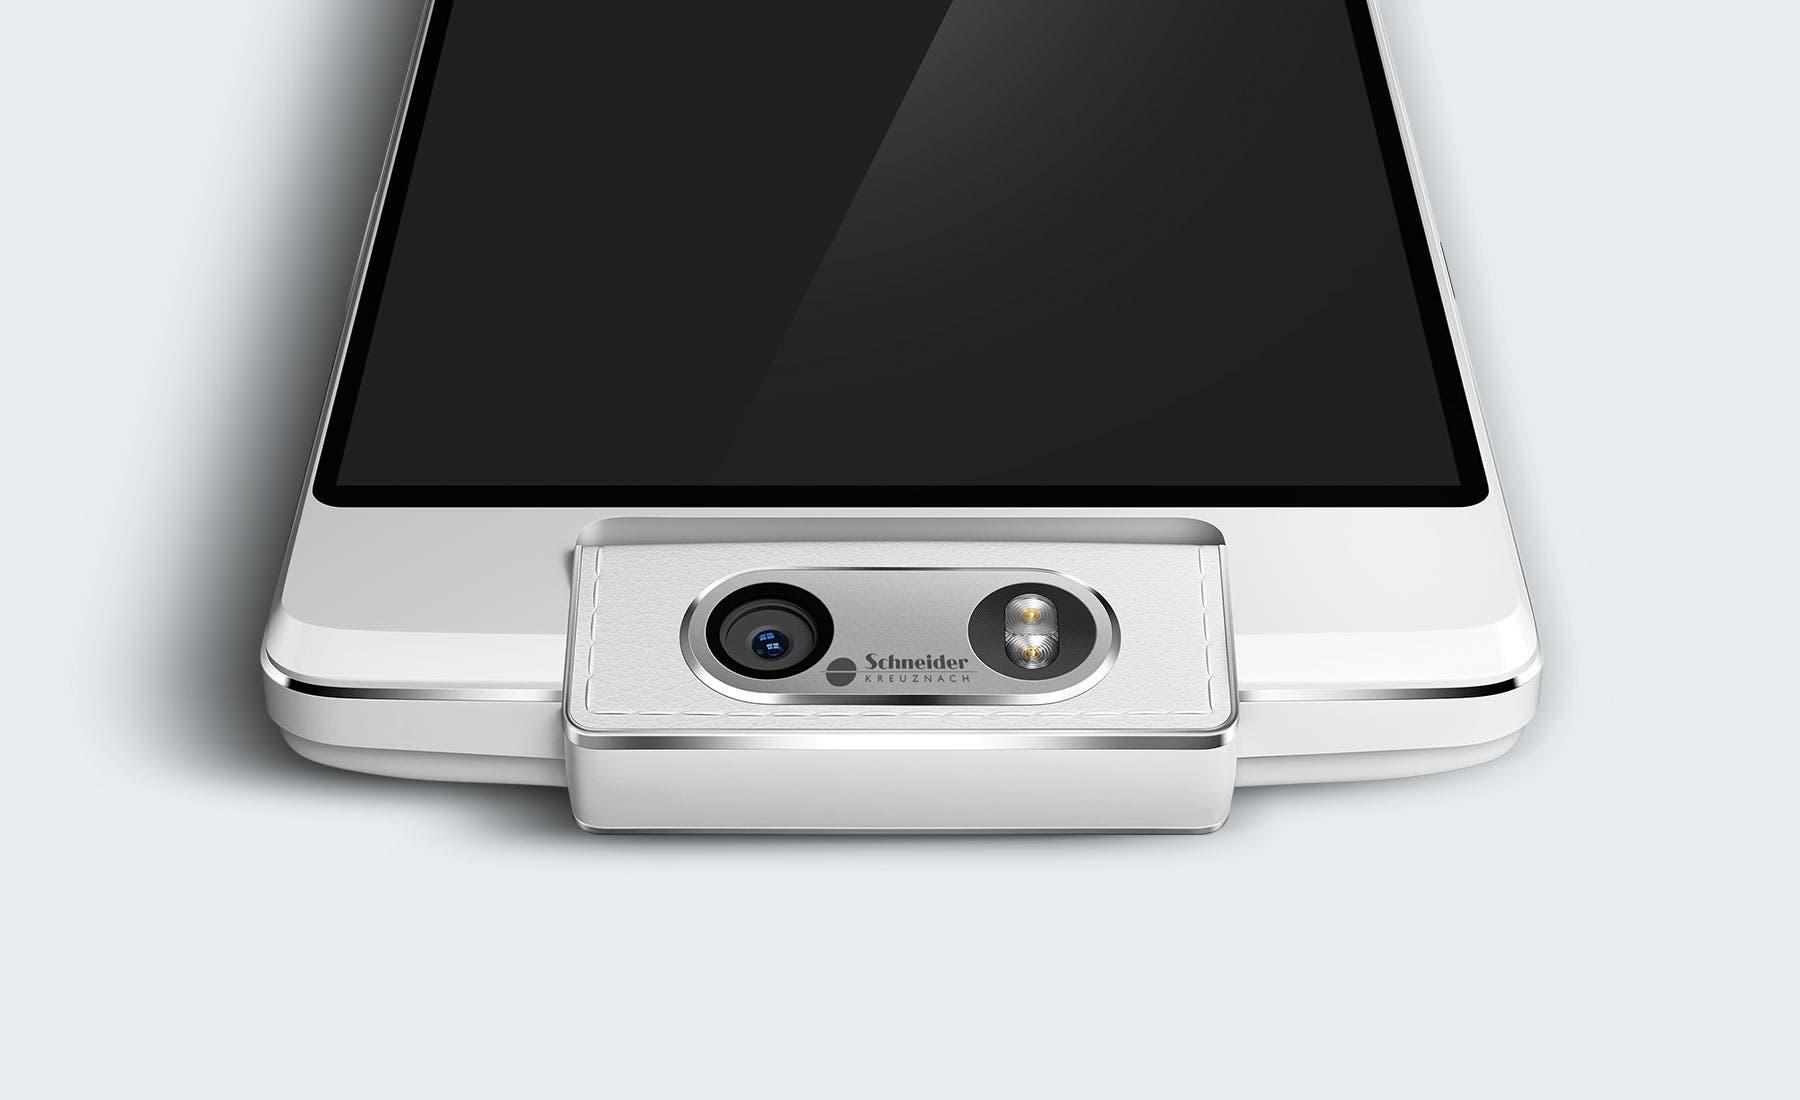 Oppo N3 mit Kamera-Optik von Schneider-Kreuznach